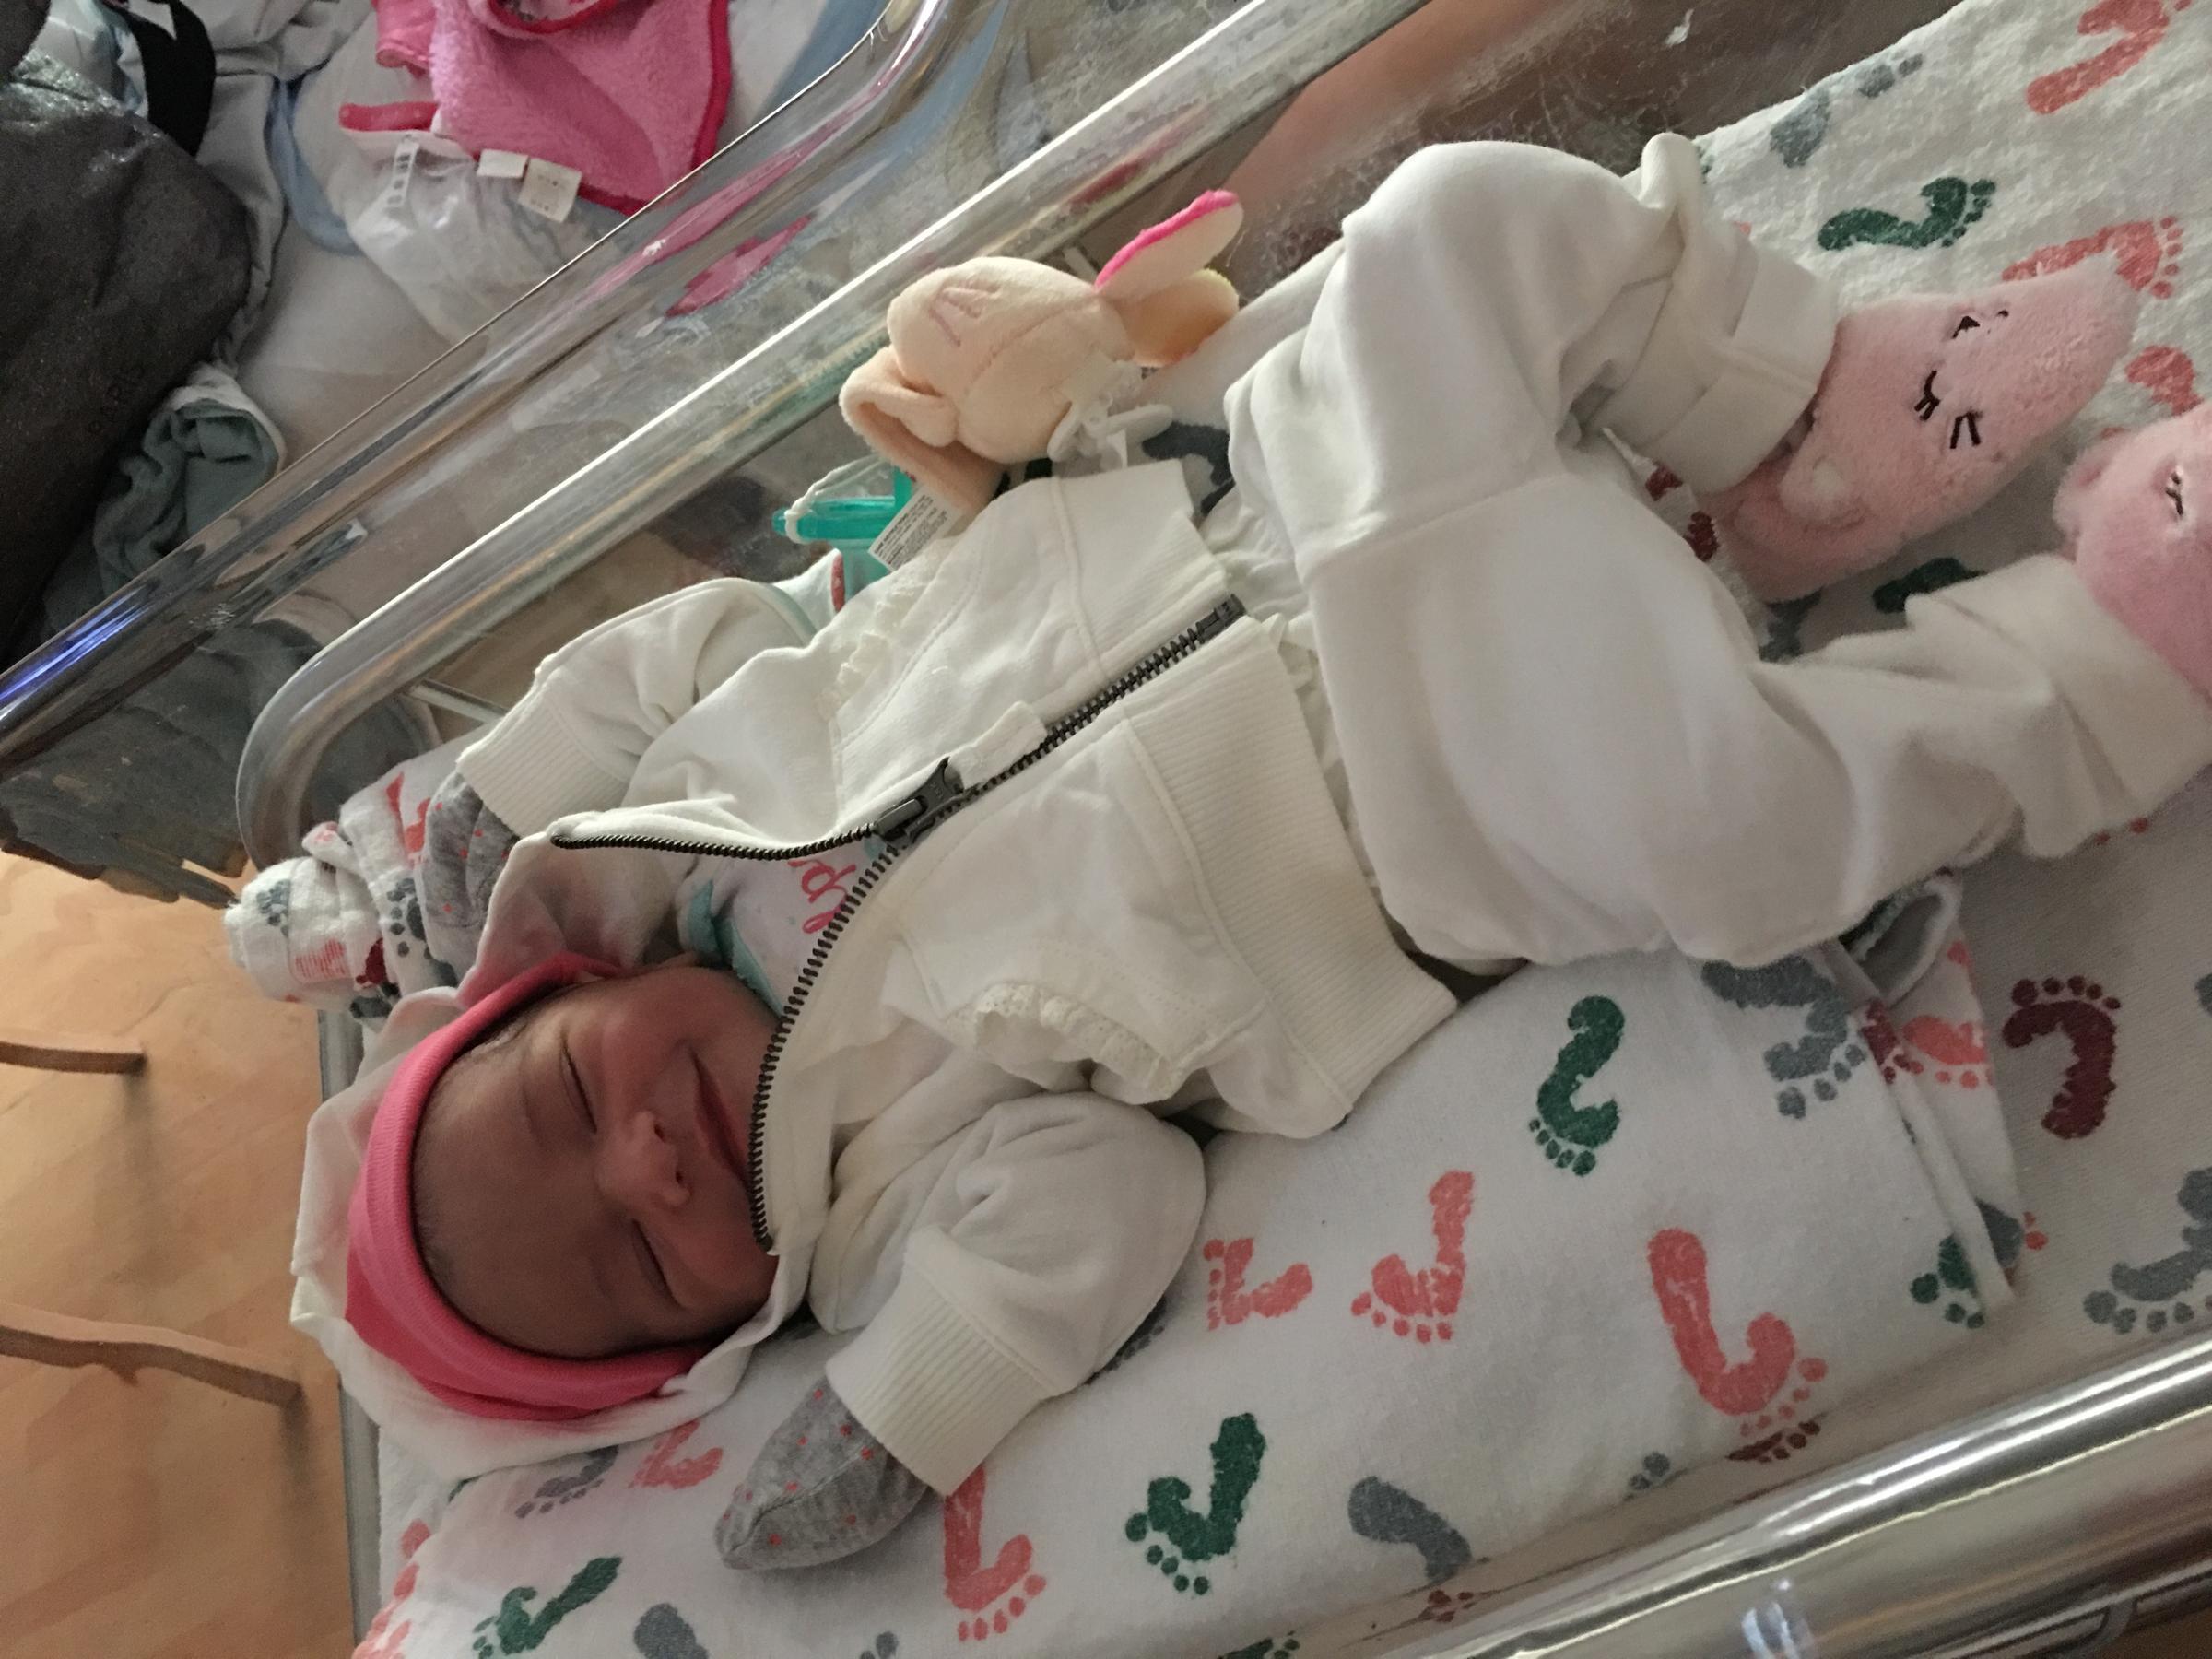 tyra banks had a baby